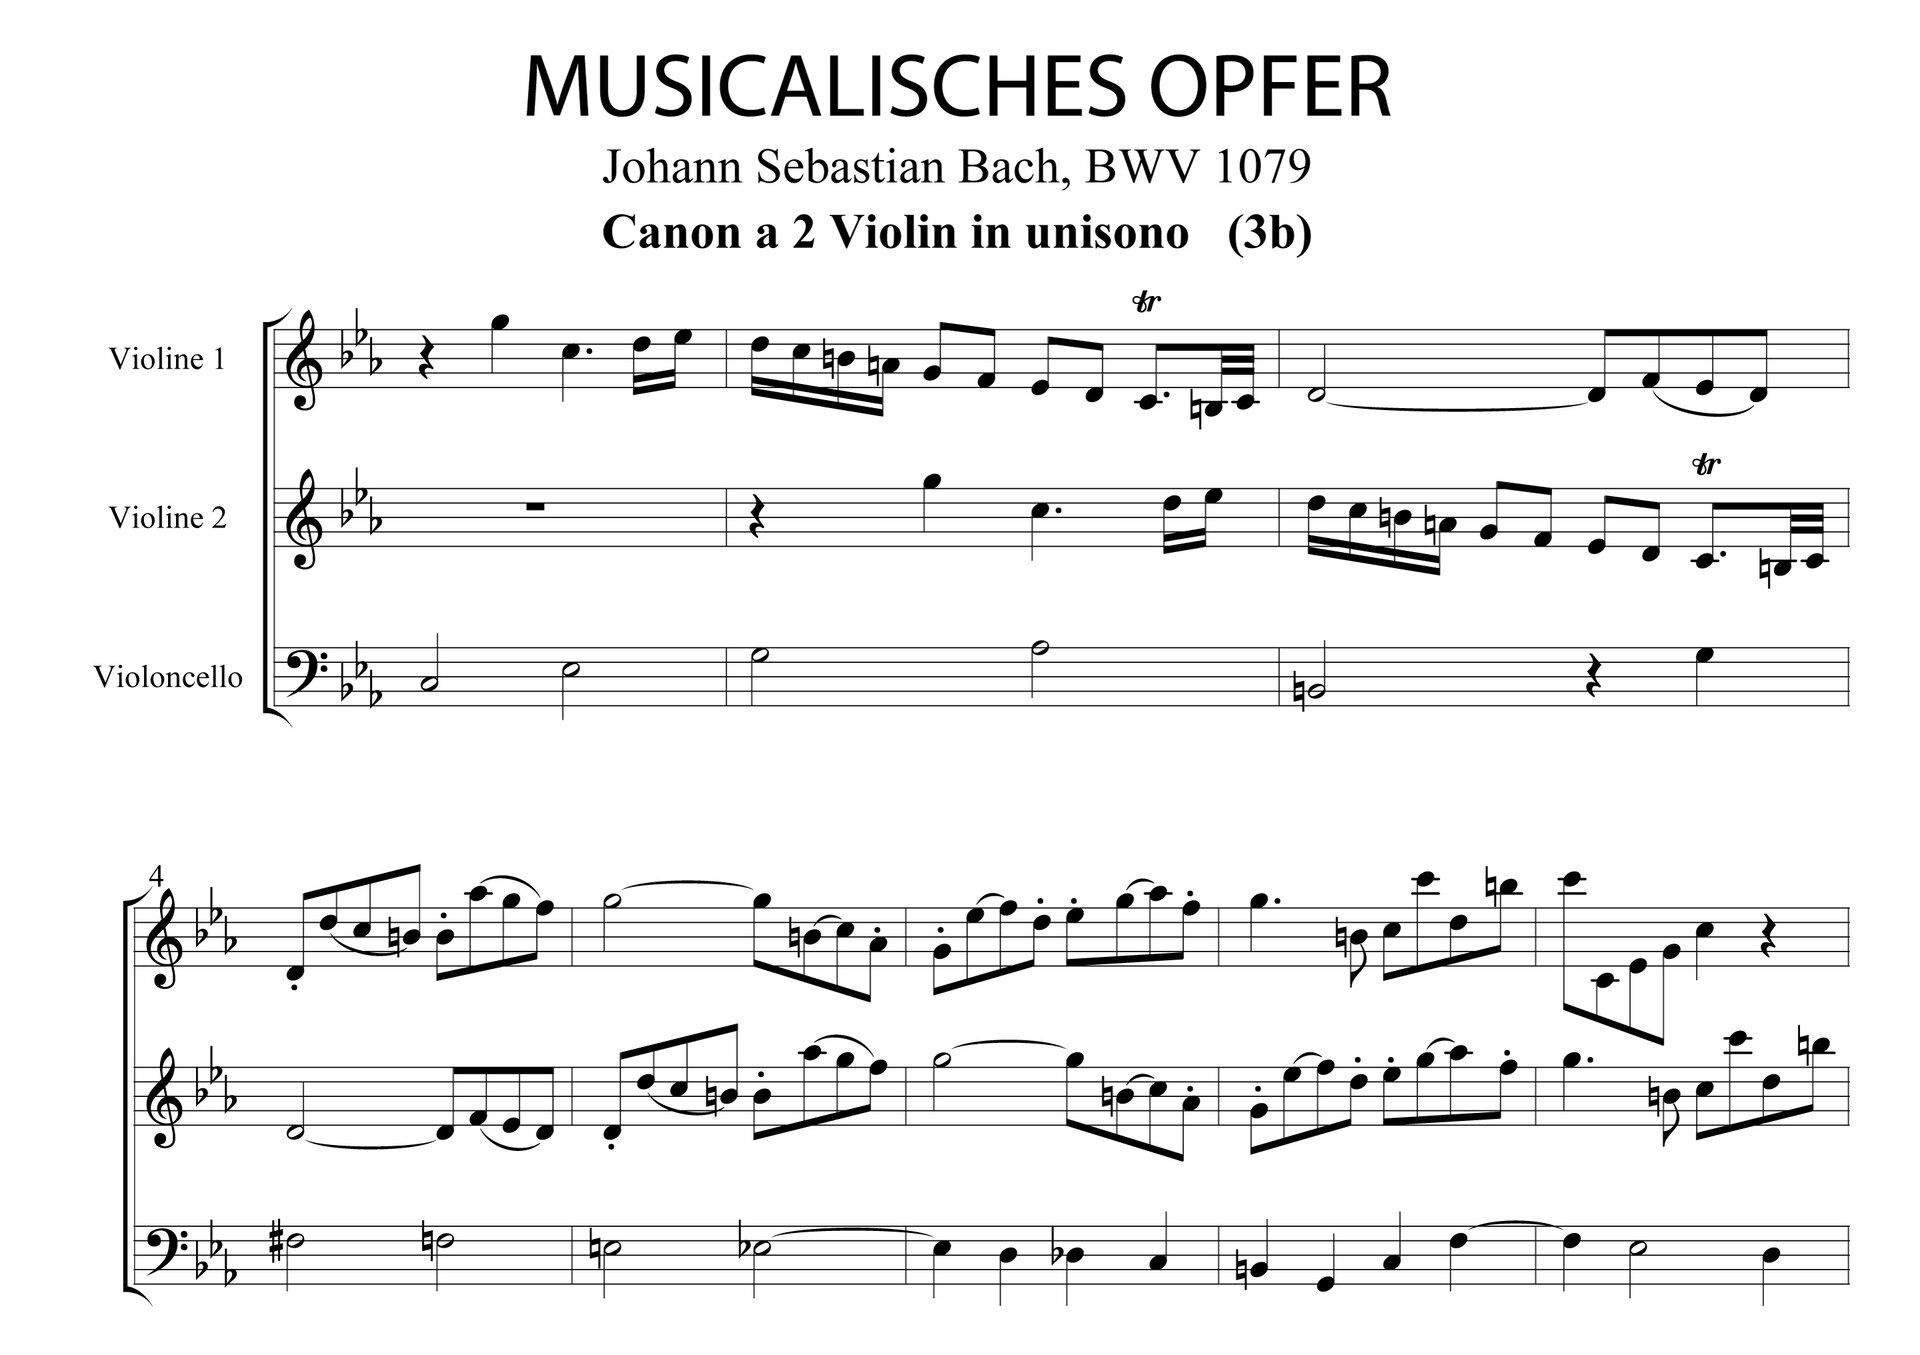 """Ilustracja przedstawia zapis nut utworu """"Musikalisches Opfer"""", Canon a2 Violin in unisono, takty 1, autorstwa: Jana Sebastiana Bacha."""